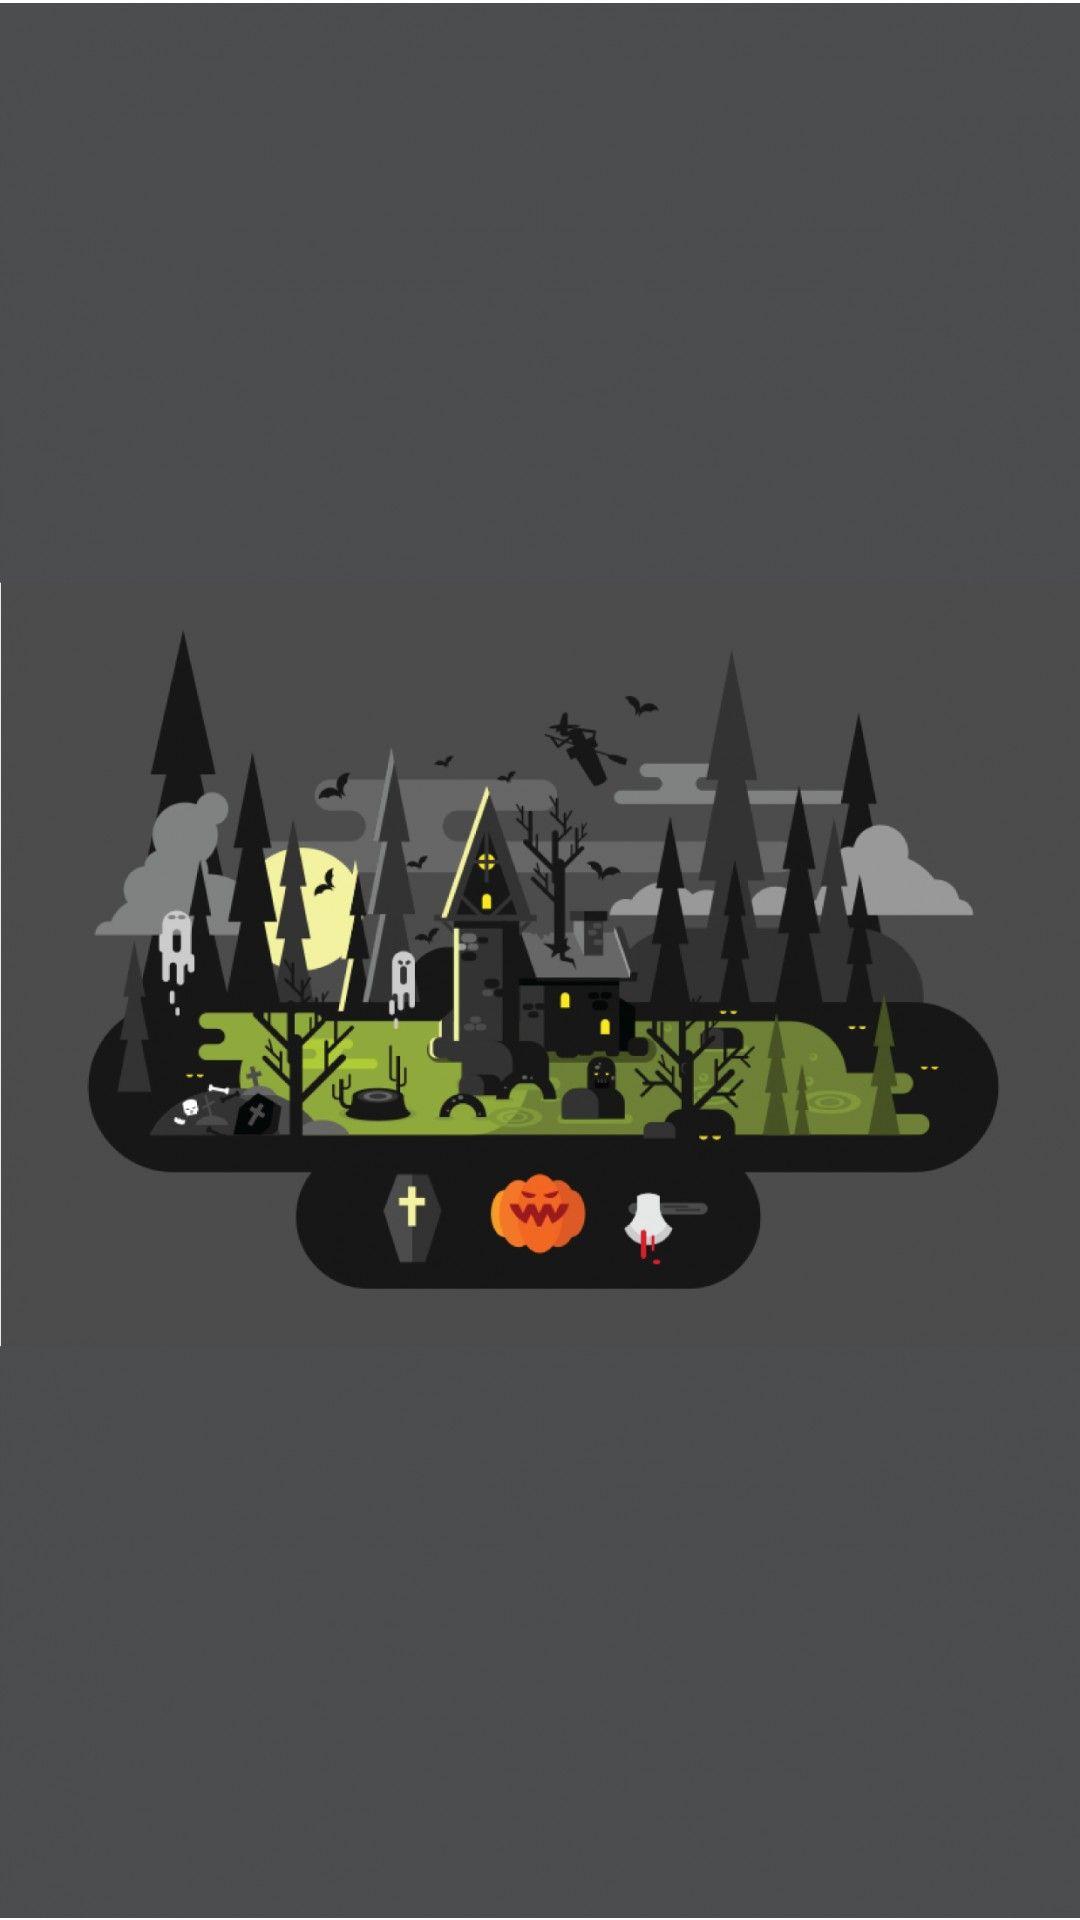 Halloween Vector Halloween Vector Halloween Wallpaper Halloween Illustration